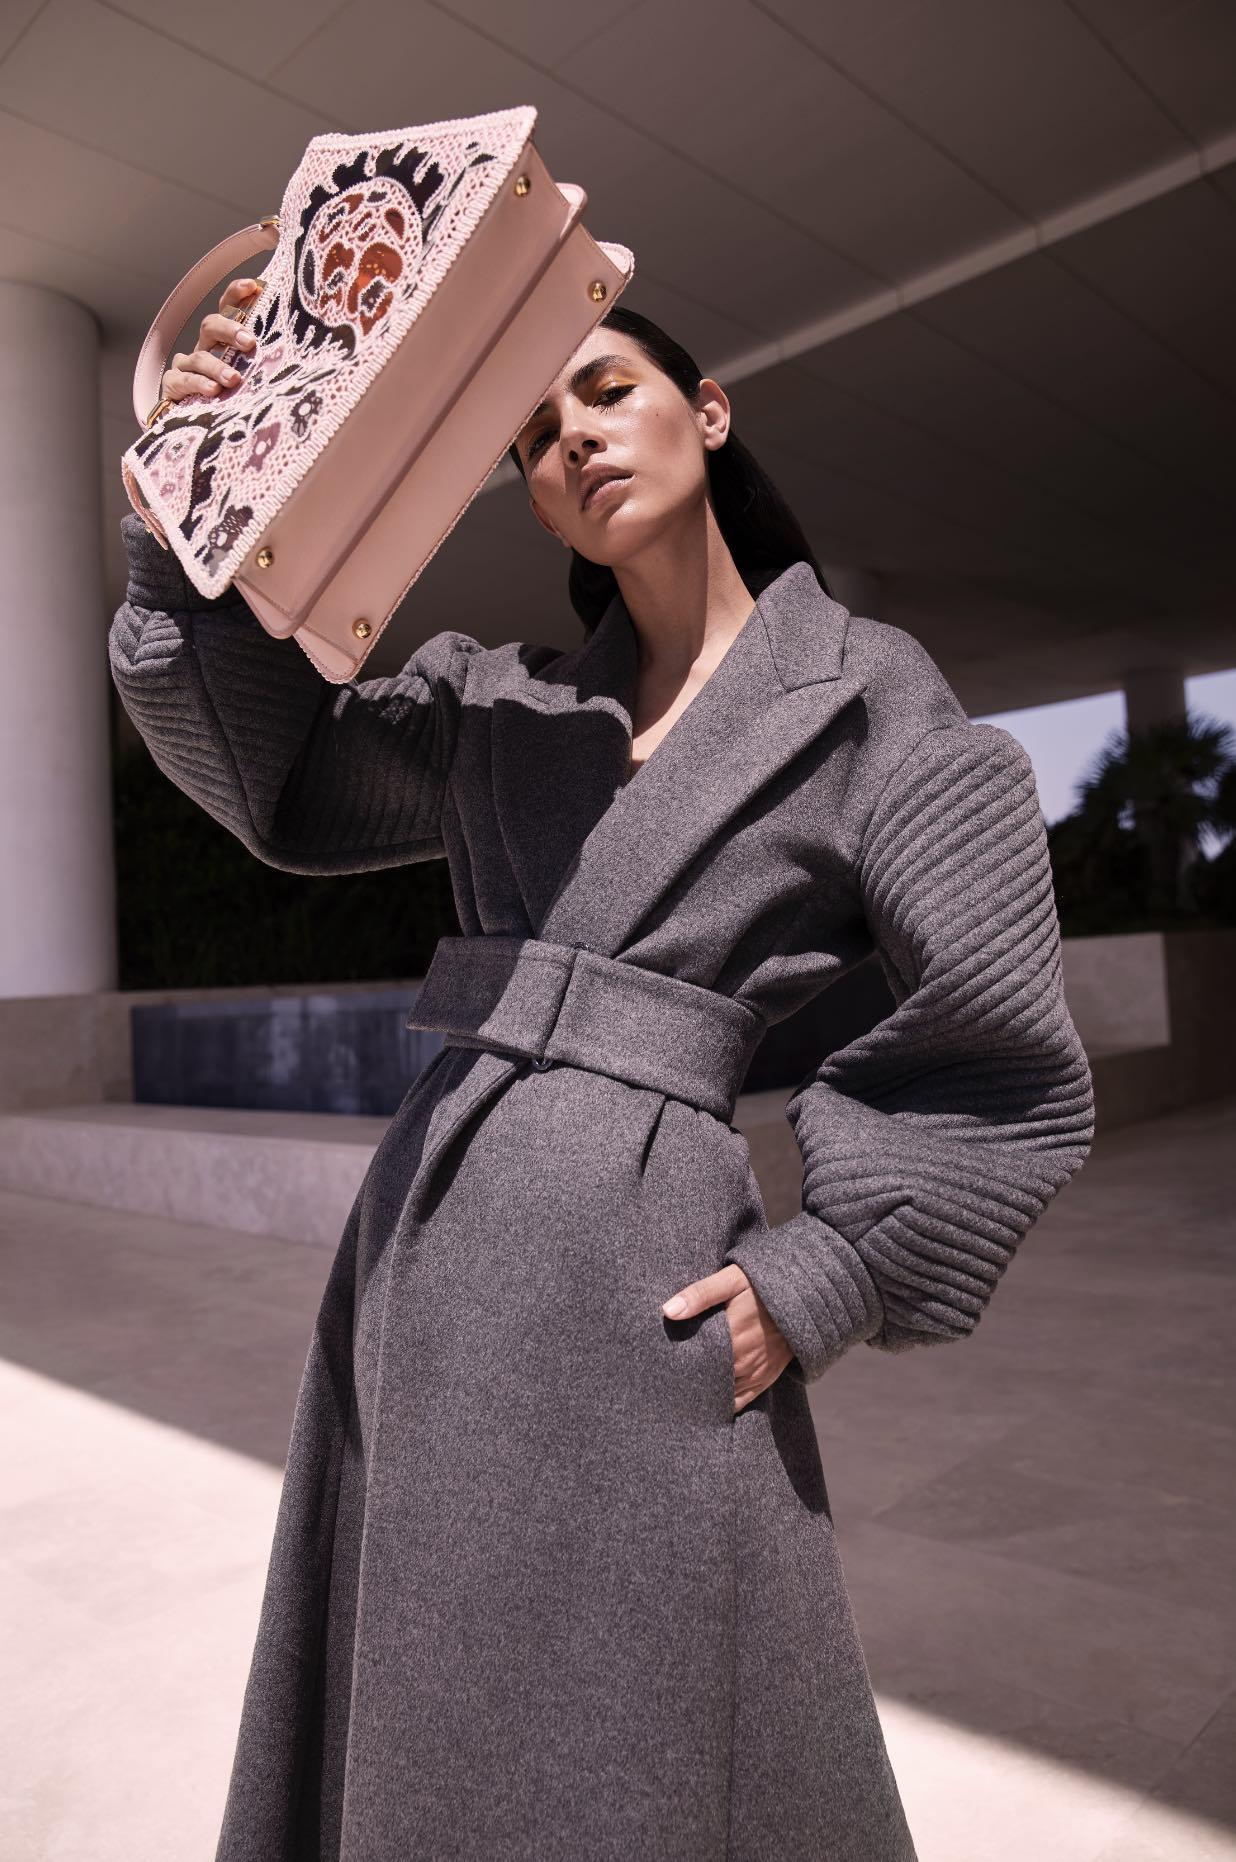 female model standing holding handbag up wearing long coat